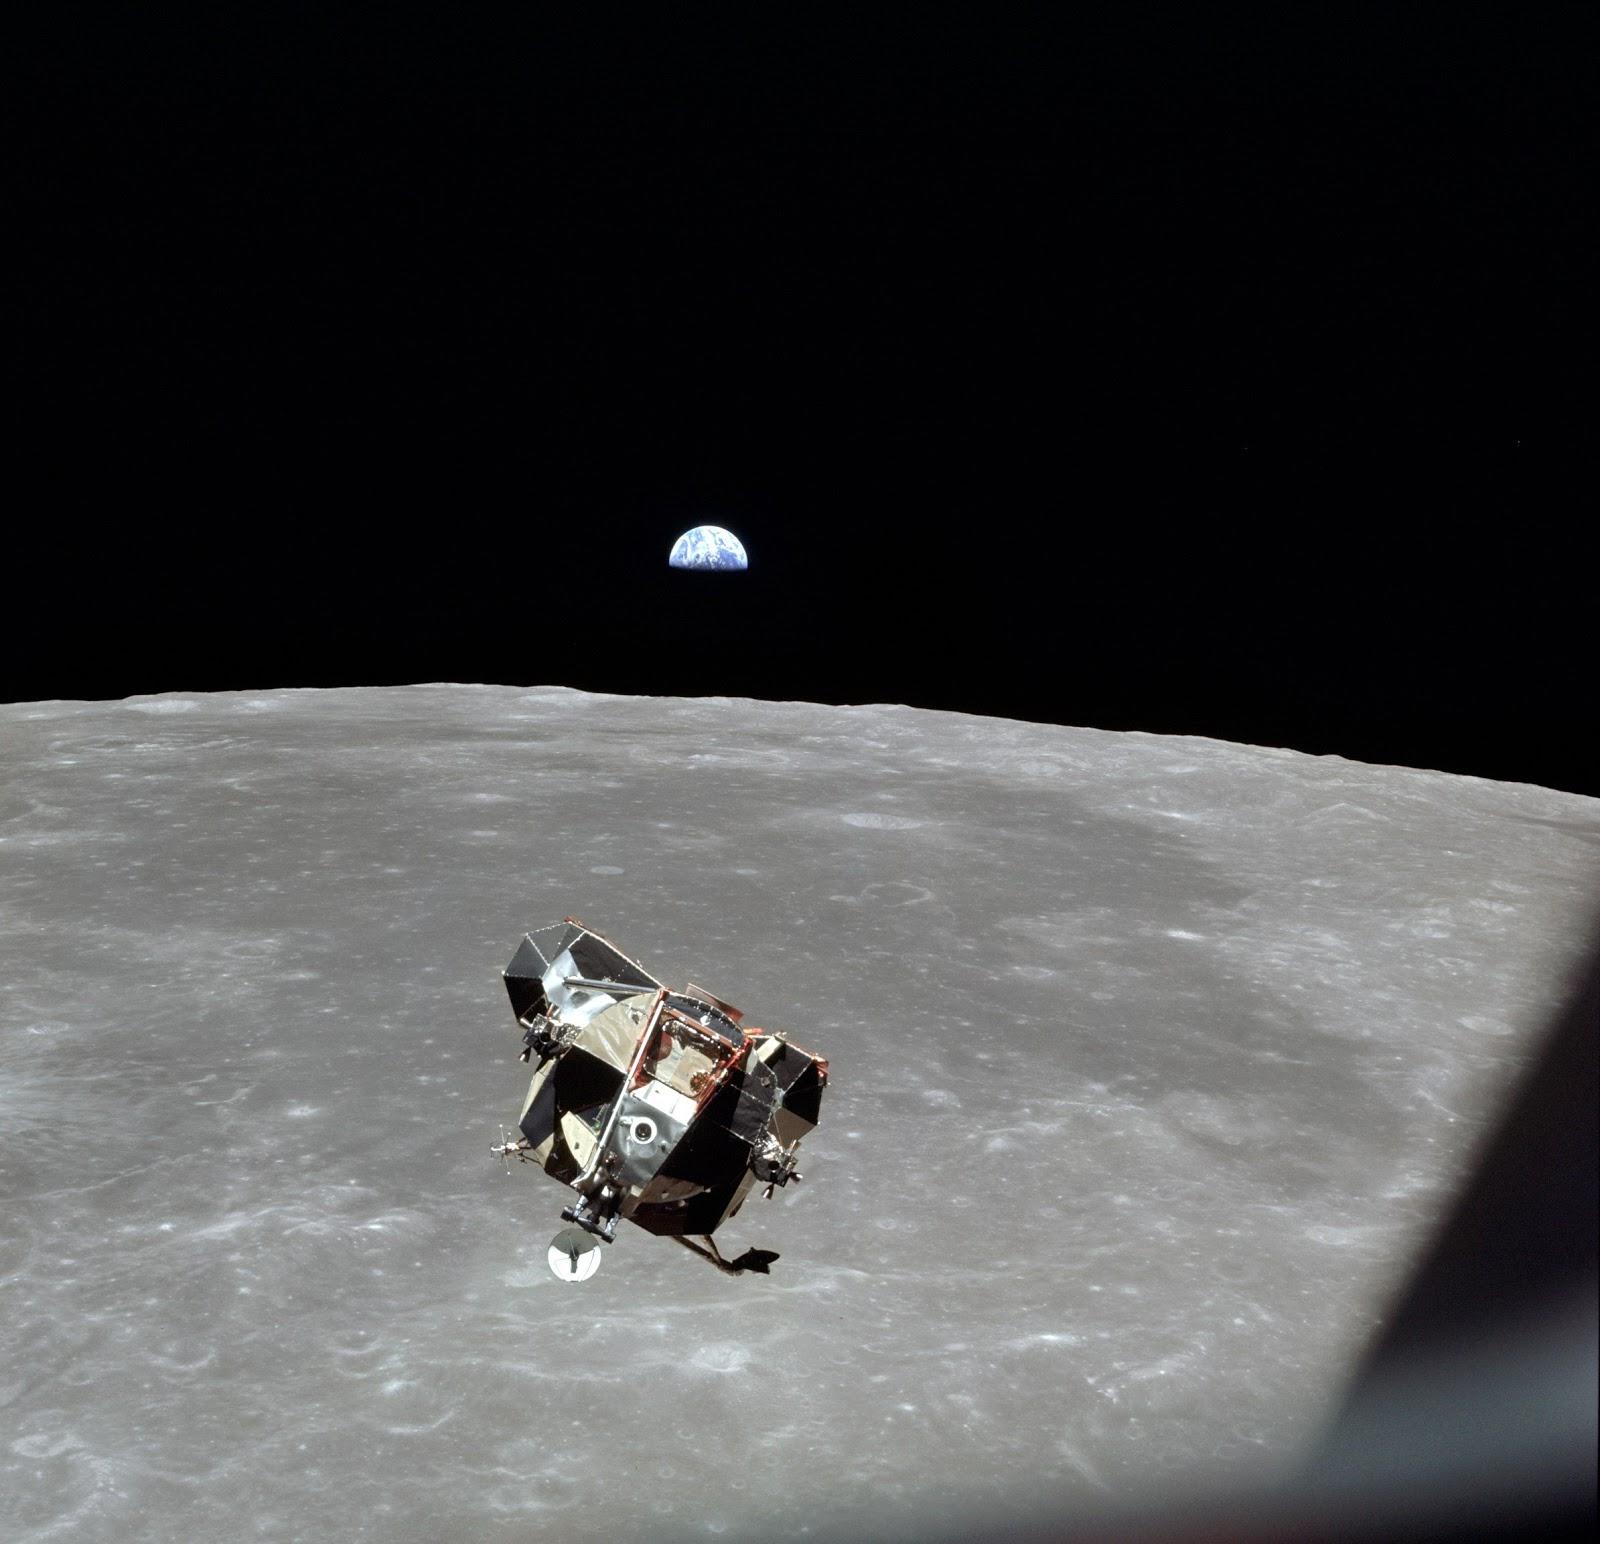 http://1.bp.blogspot.com/-9w0R64eEgSM/T-_MNjhCZDI/AAAAAAAAA1A/3bhfCPYKztM/s1600/lunar+module.jpg